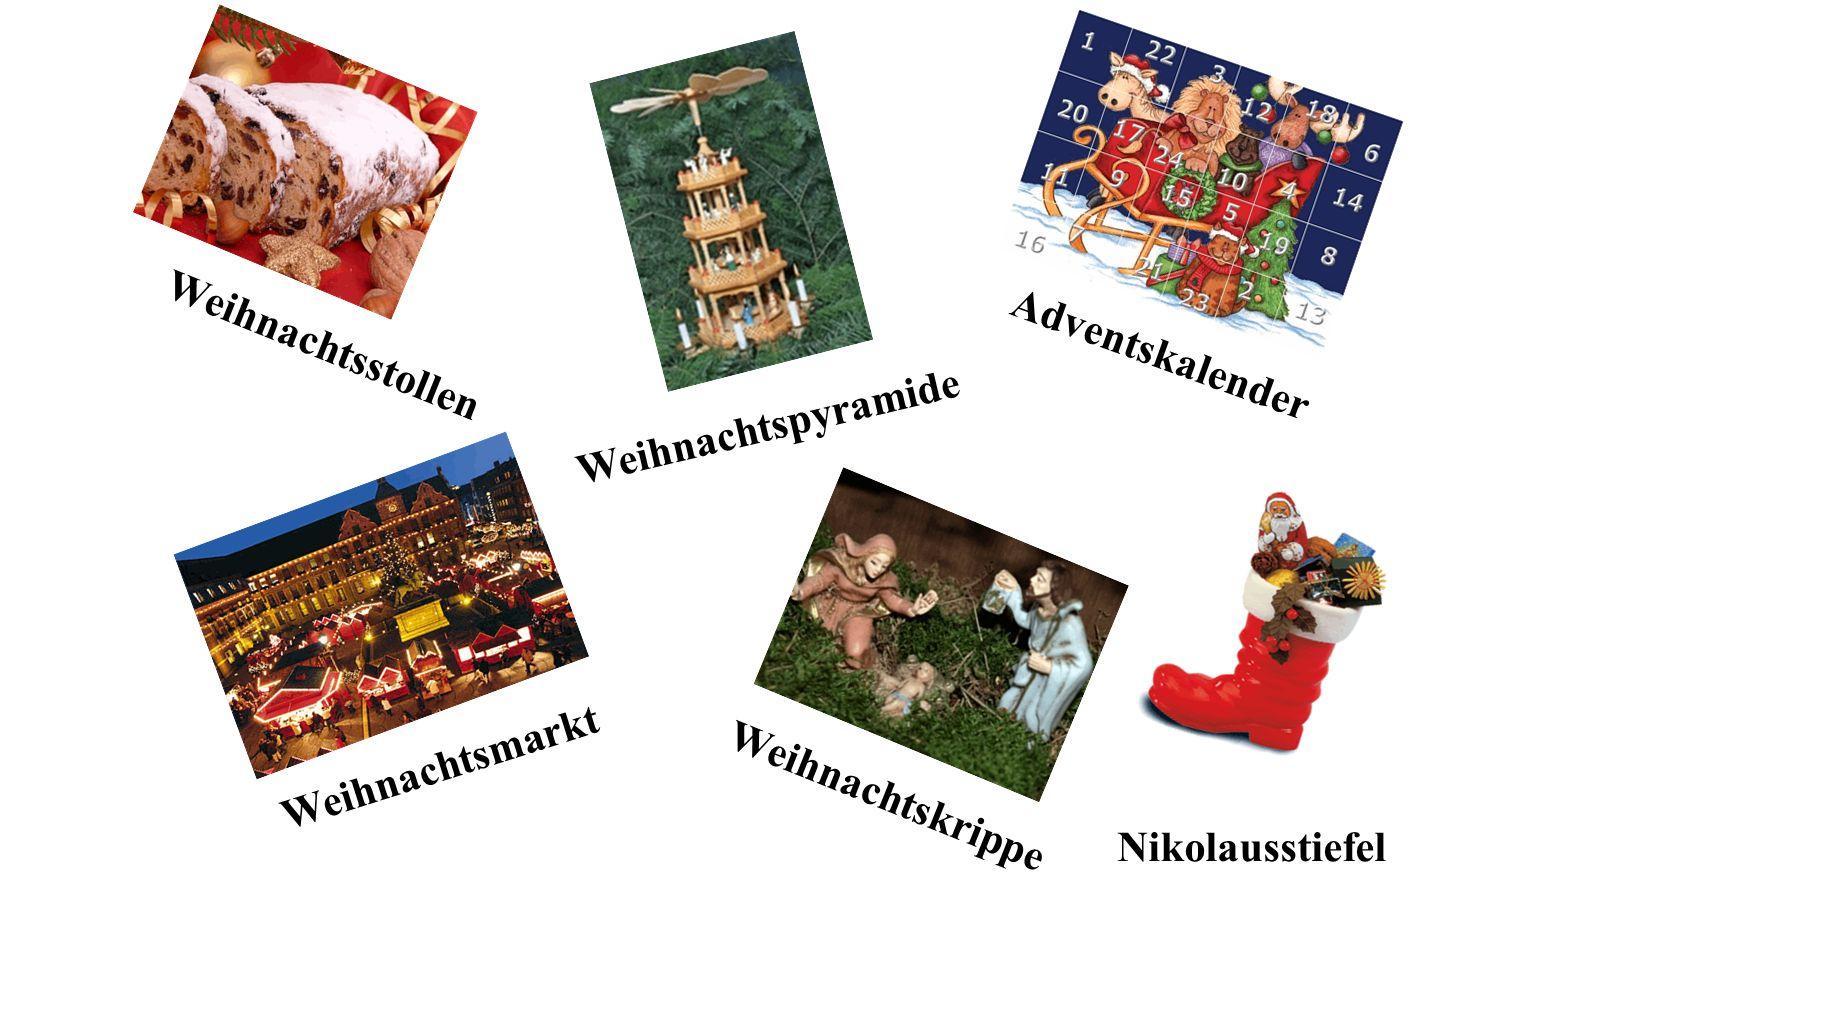 Weihnachtsstollen Adventskalender. Weihnachtspyramide.